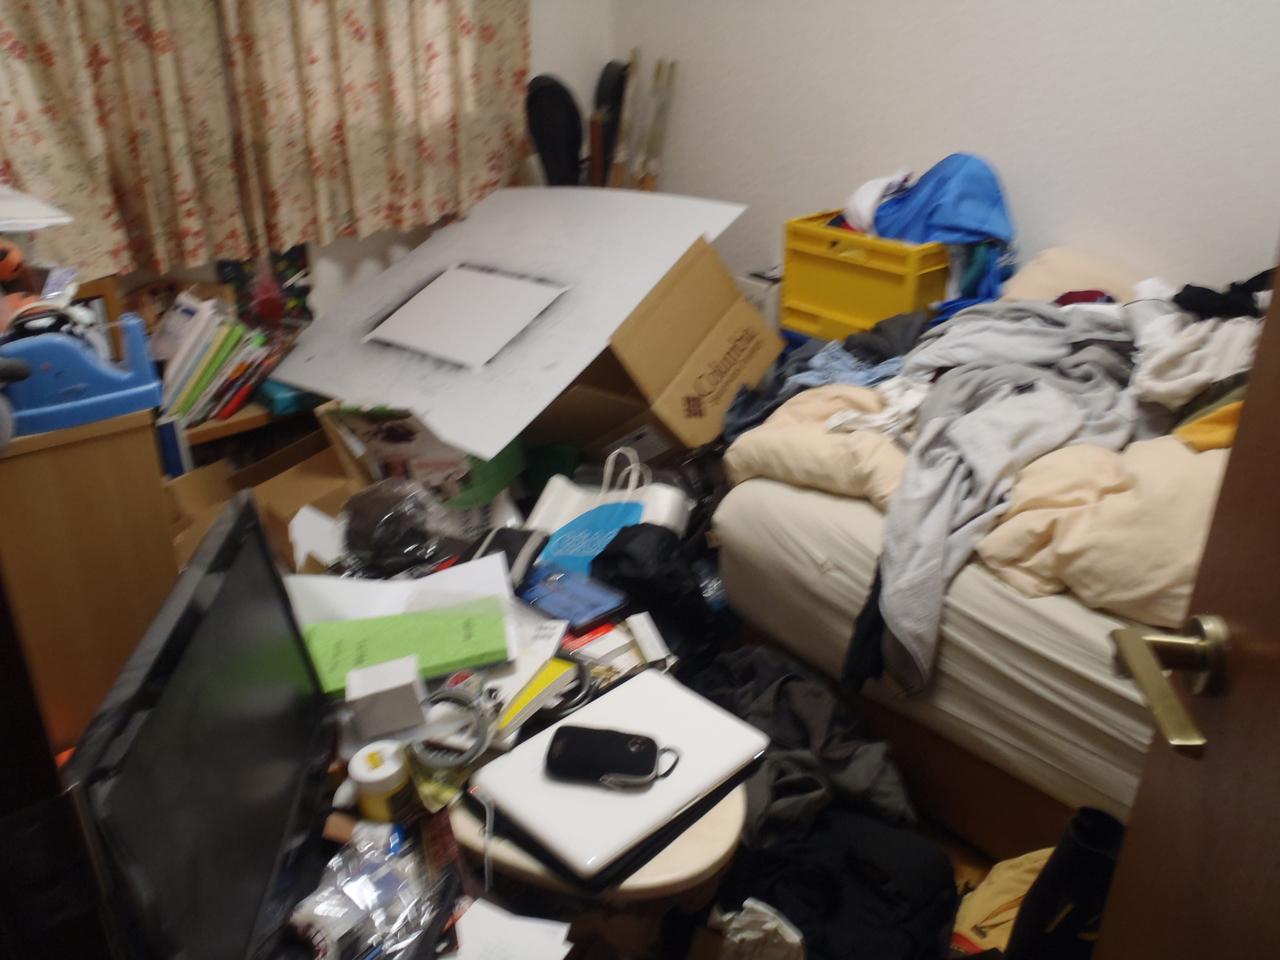 汚かった頃の部屋